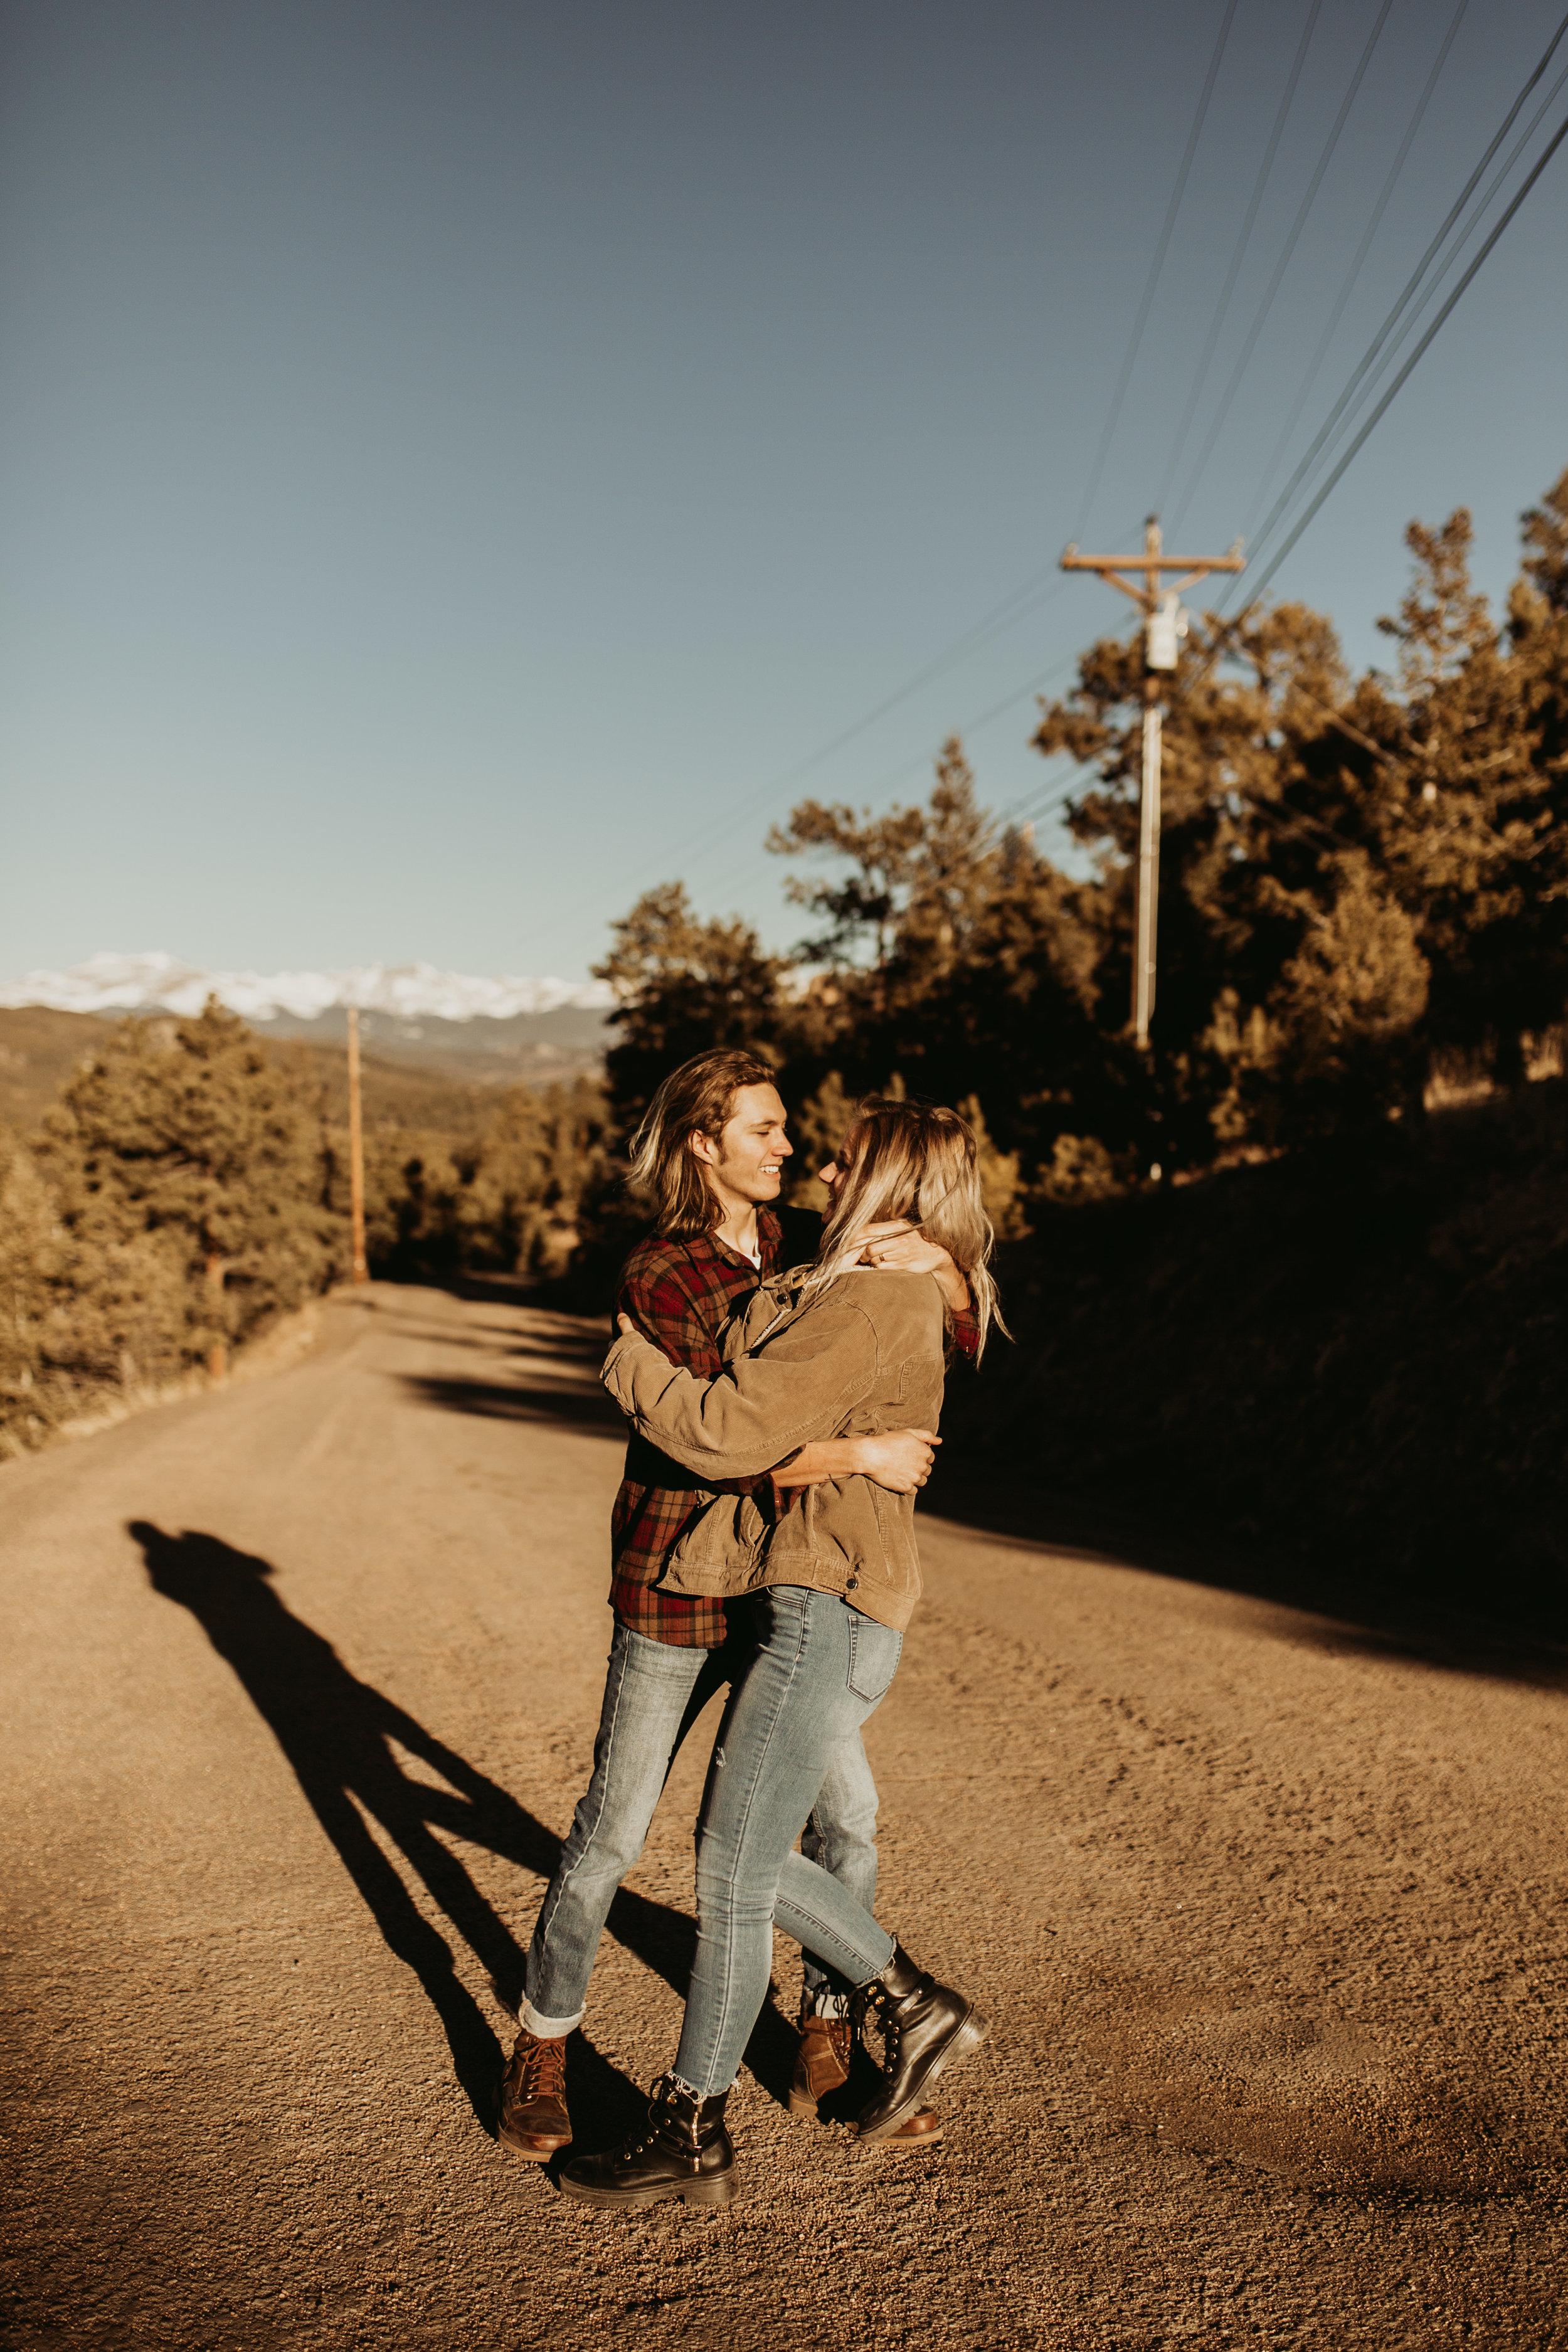 oceanside+california+wedding+photographer28.jpg